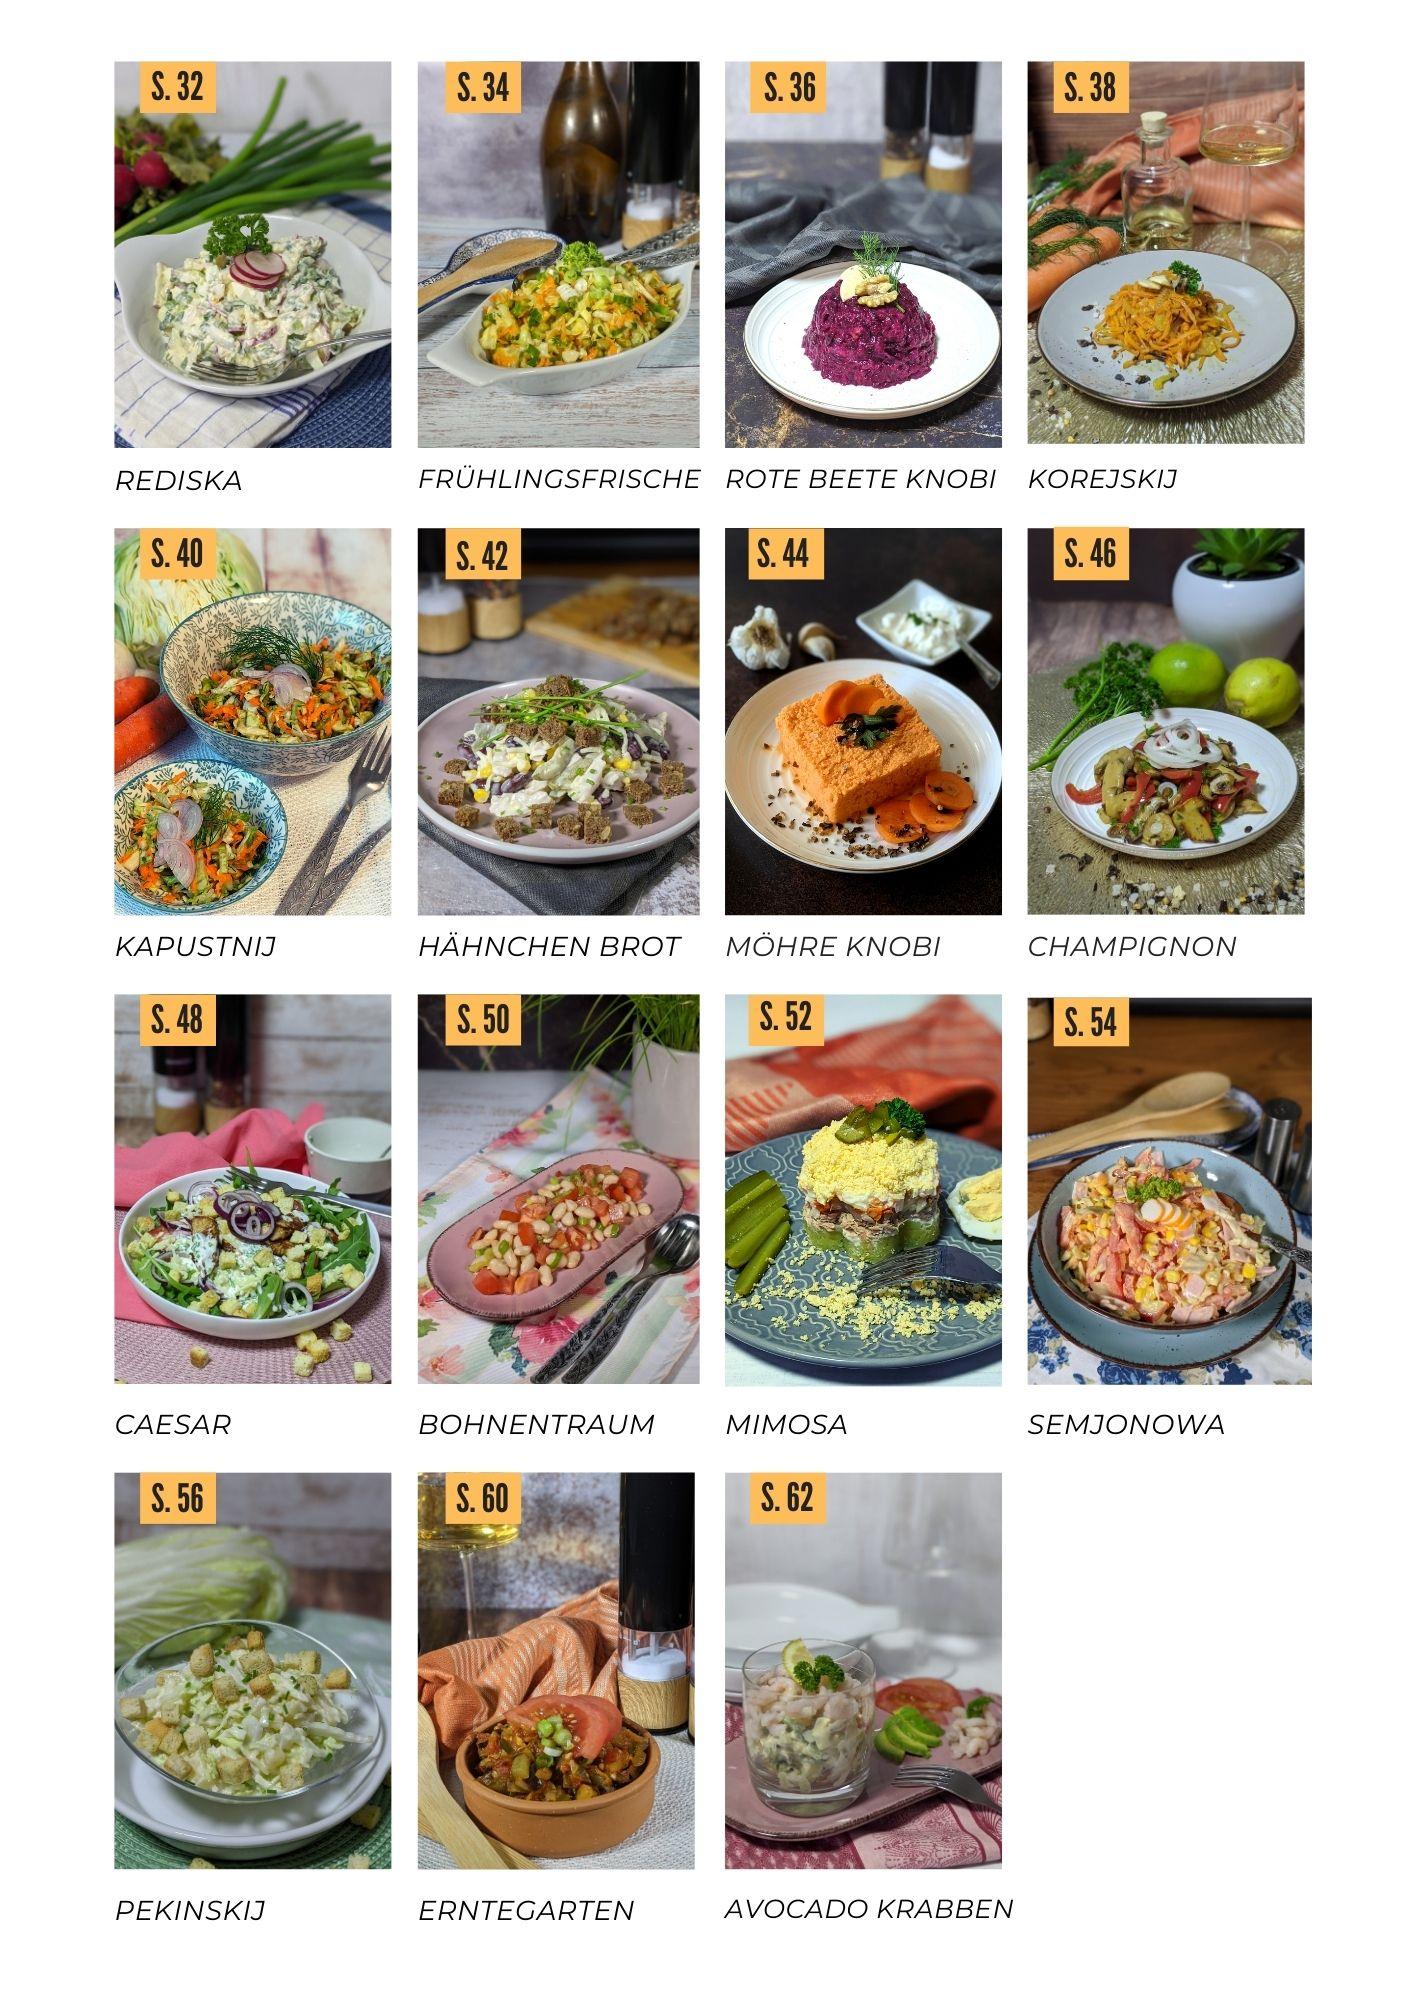 Kuchnja: Salatiki - 27 russische Salate by Maggie Rittscher